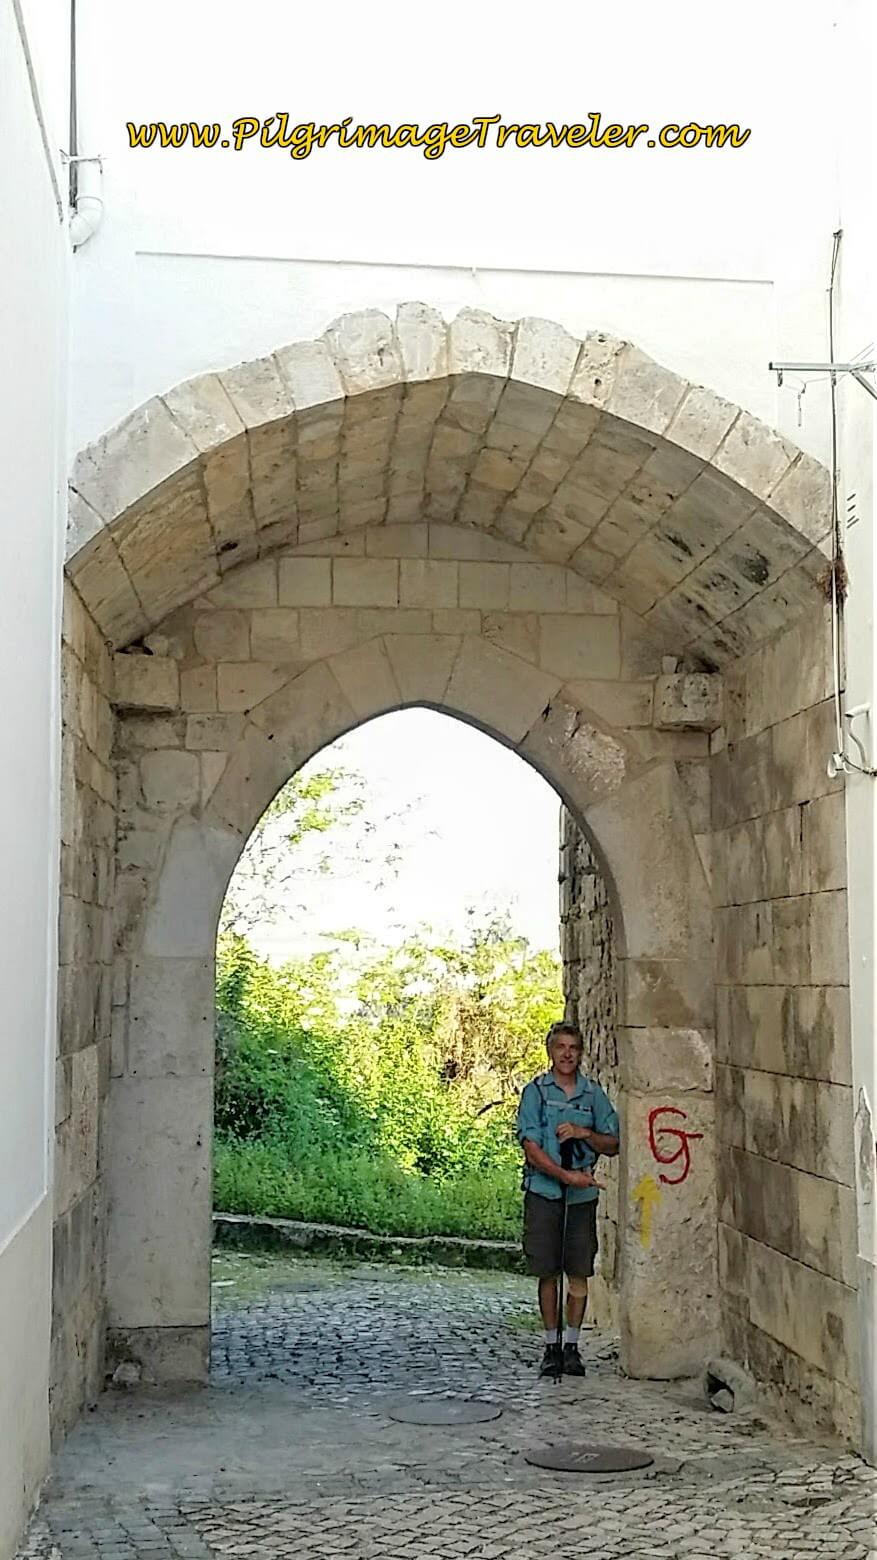 Rich at the Porta de Santiago, Santarém, Portugal